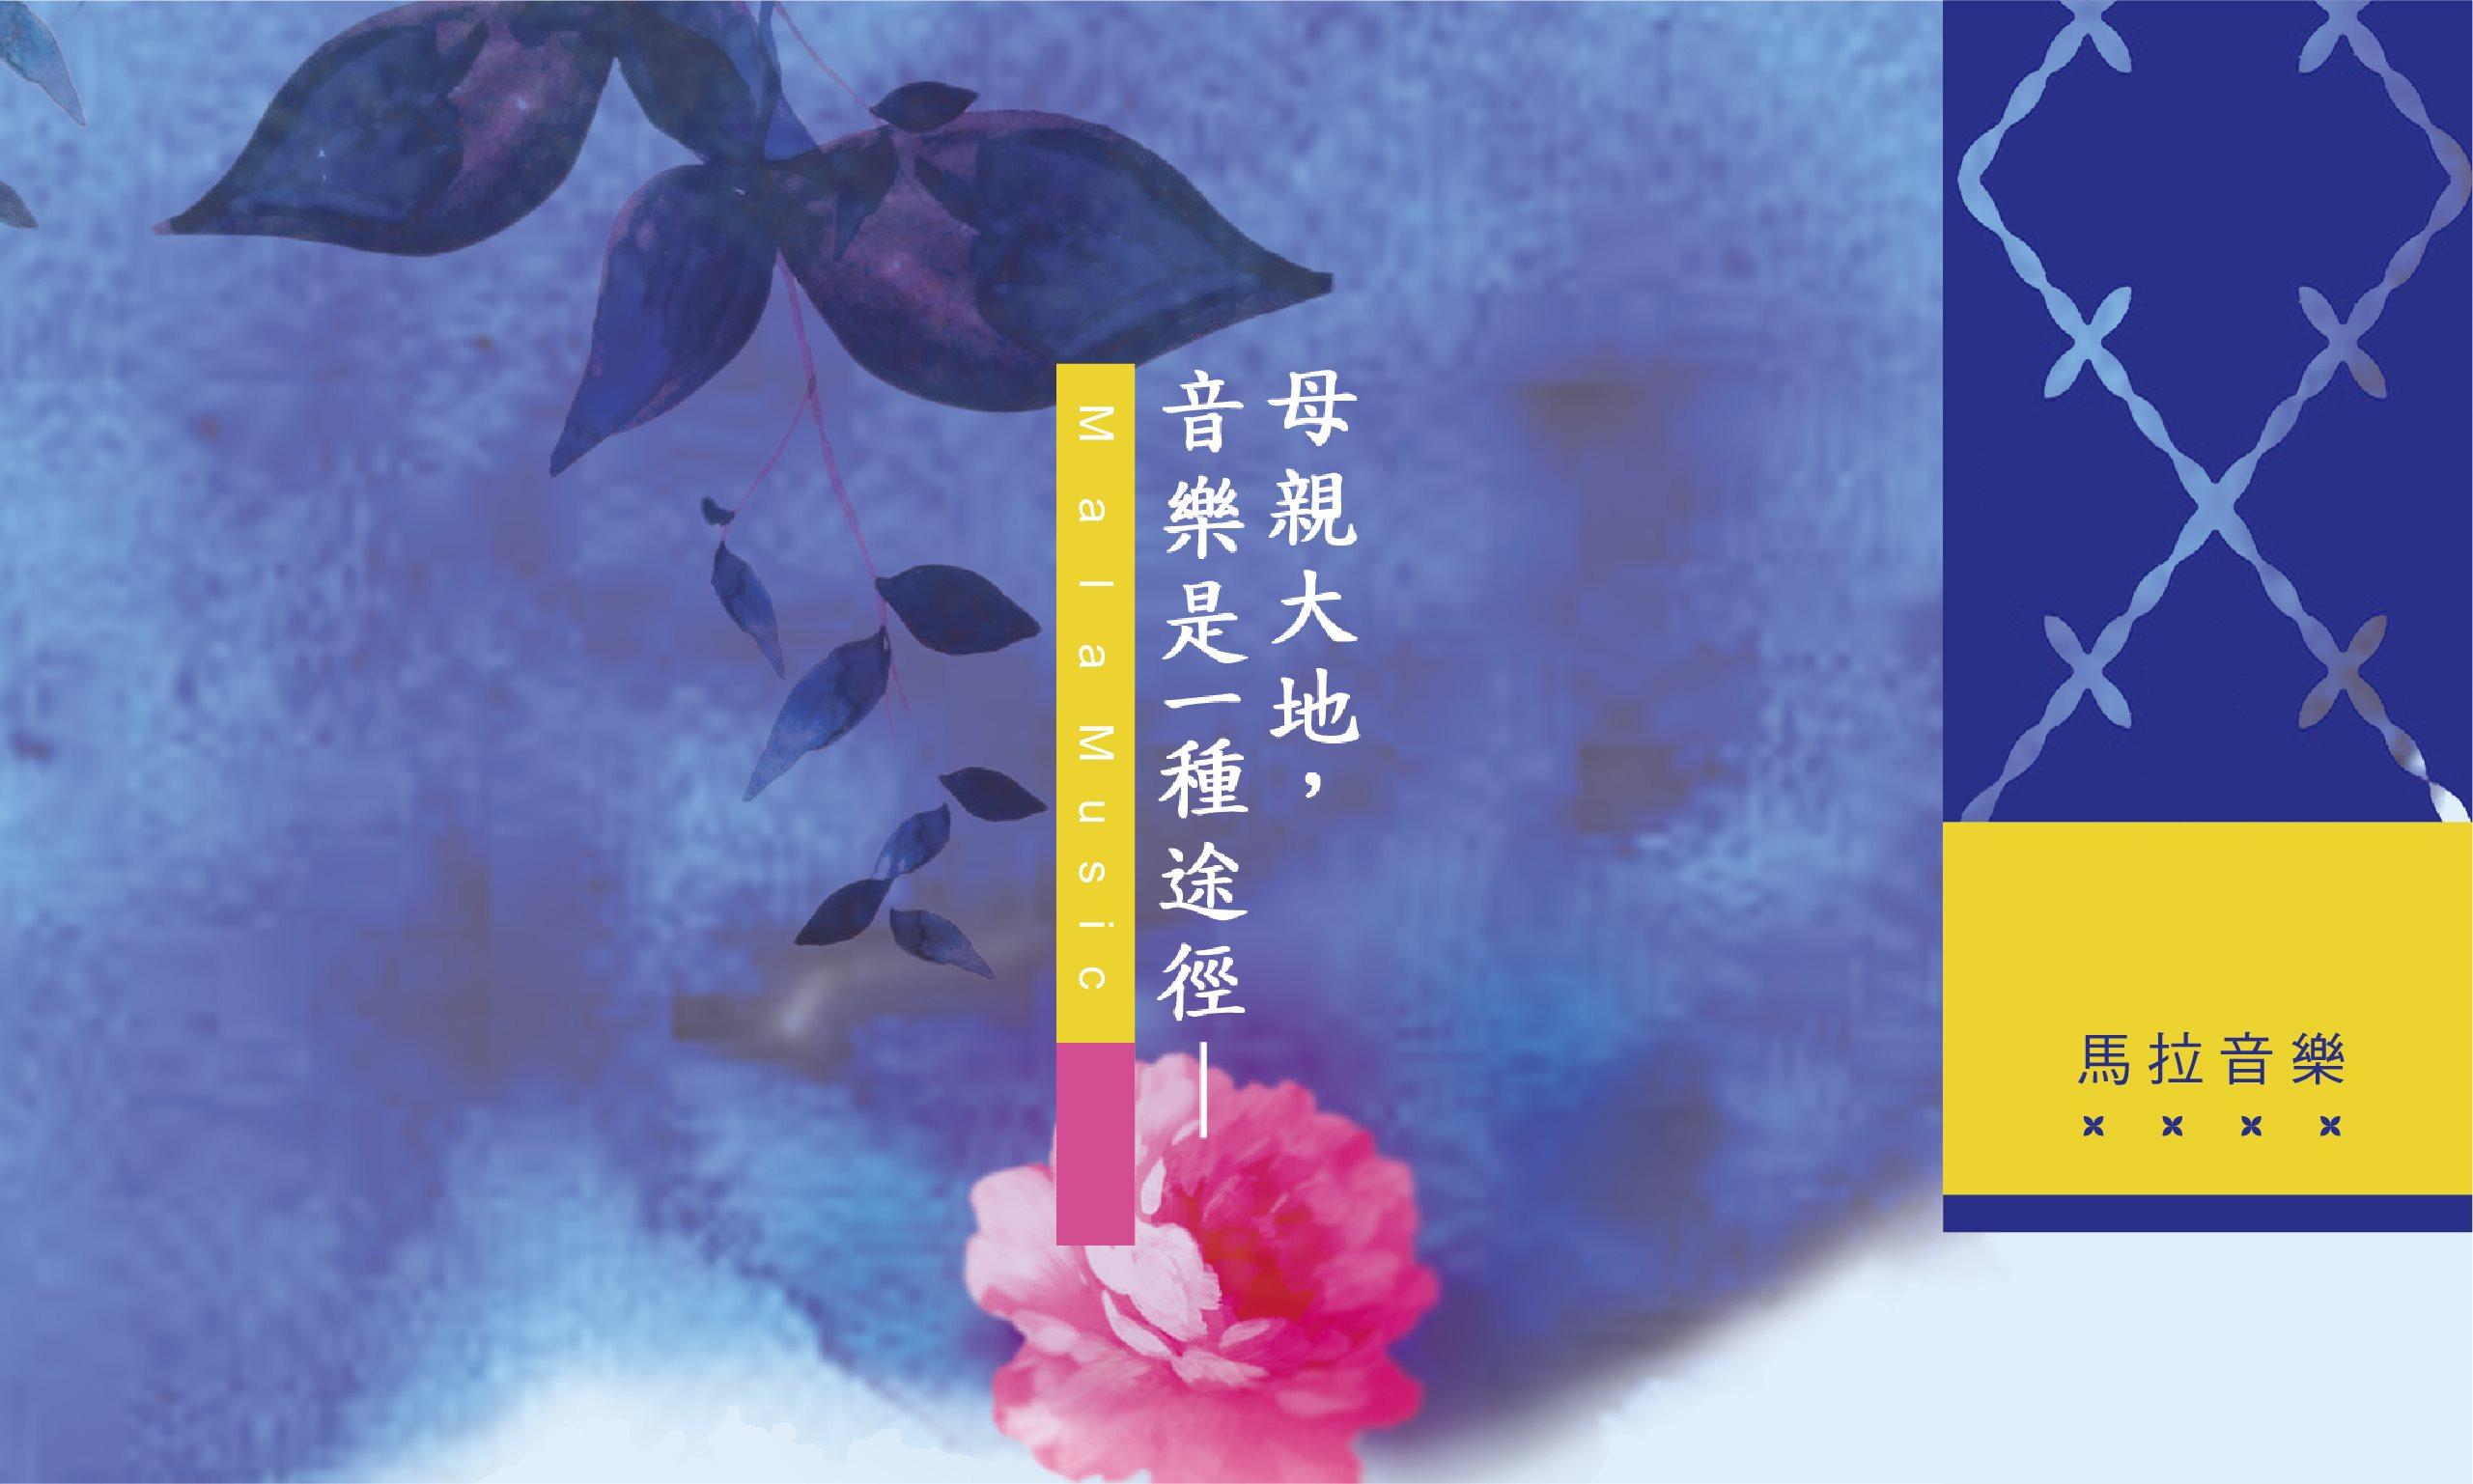 有土,詩,有才 —— 馬拉音樂 王俊傑、陳惠敏